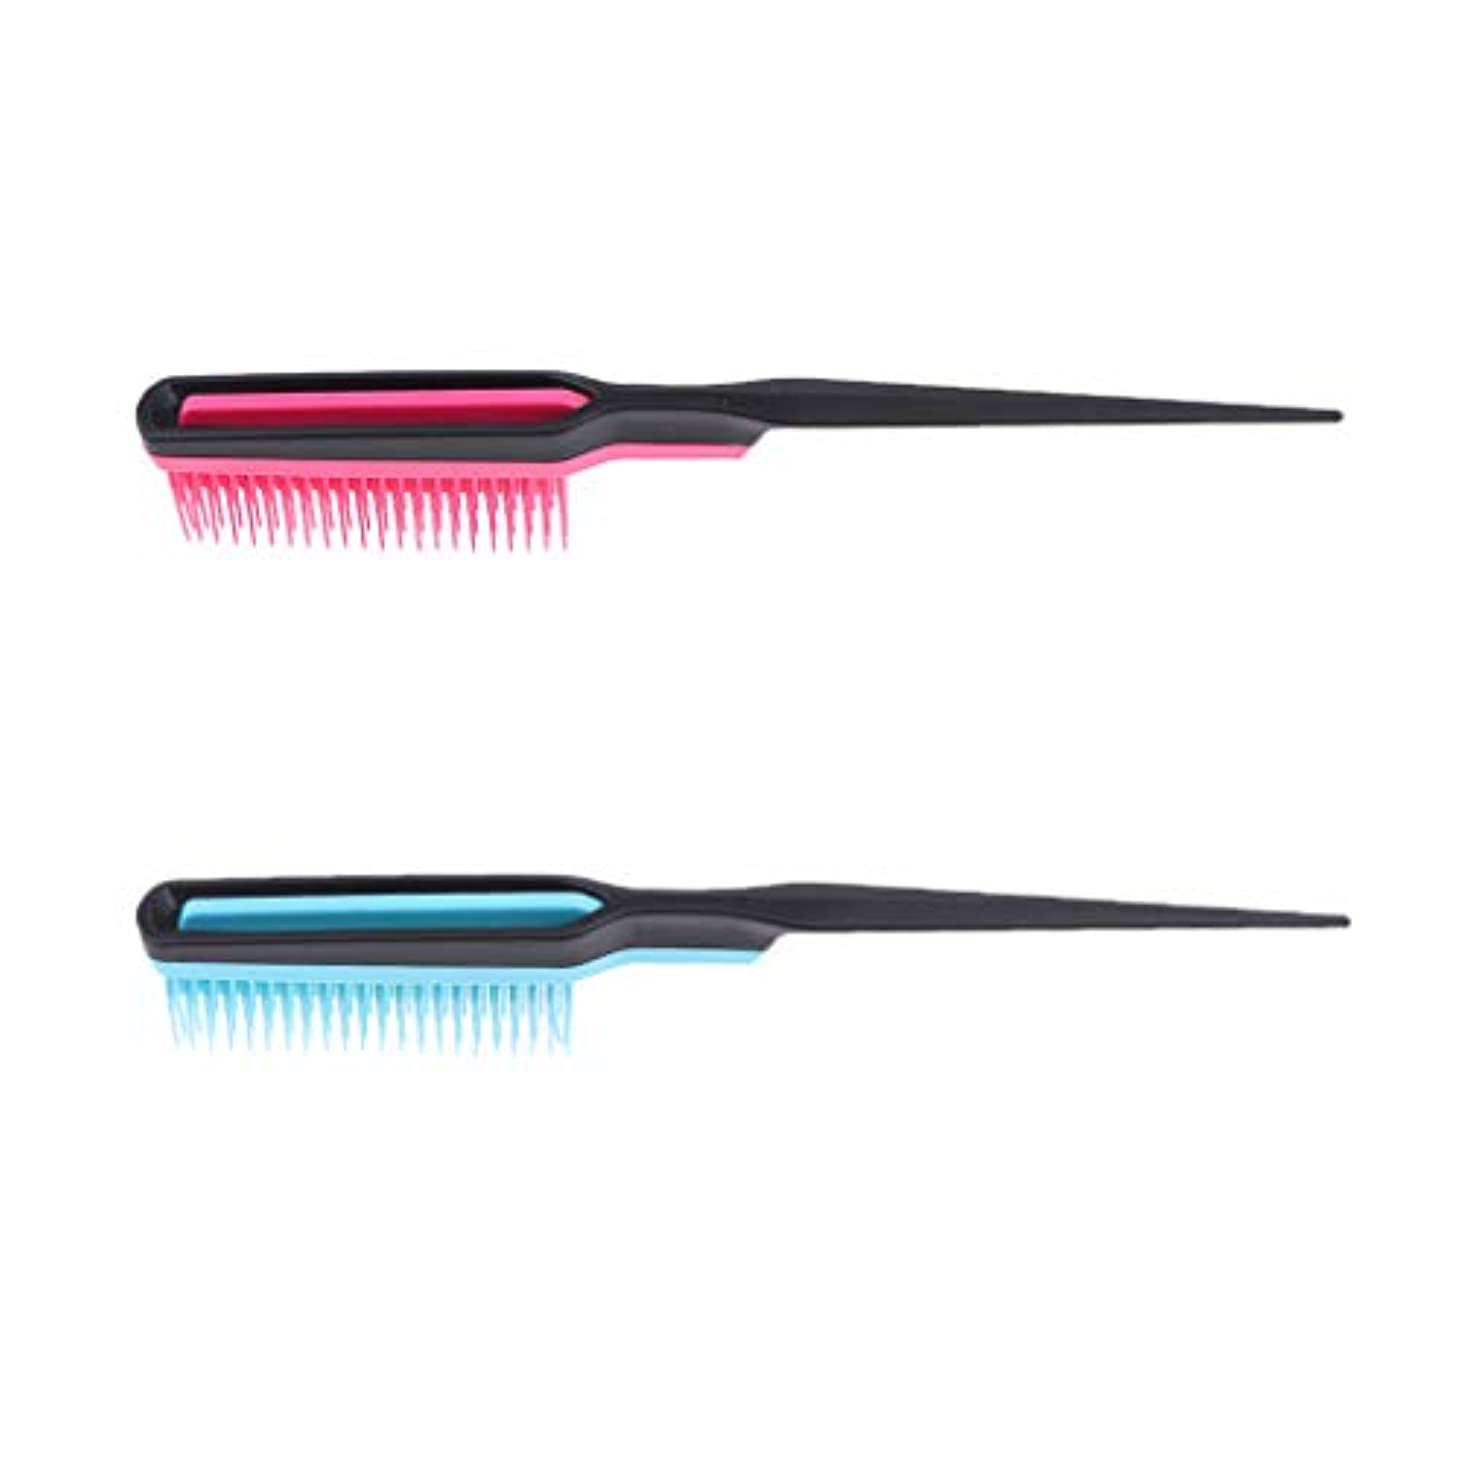 シルエット負荷節約2個 ふわふわ 櫛 ナチュラル ヘアブラシ ヘアスタイリスト 理髪